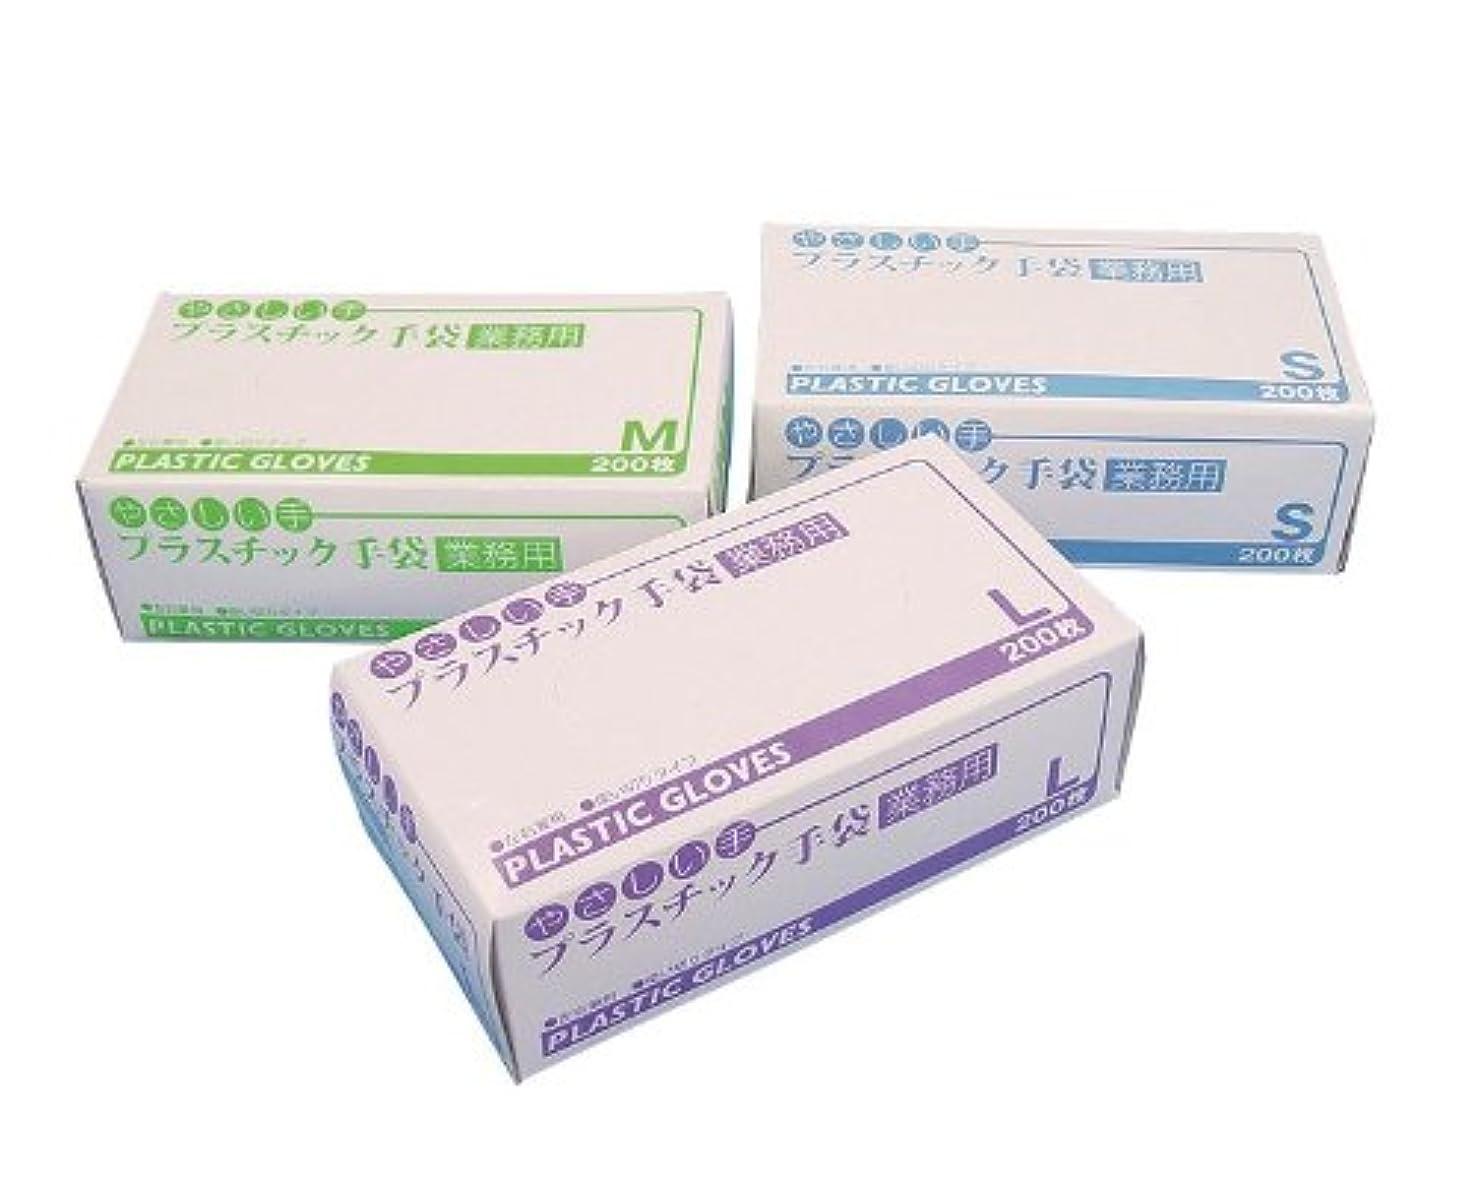 緩やかな応援する学者やさしい手 プラスチック手袋 業務用 OM-460 200枚入/Lサイズ